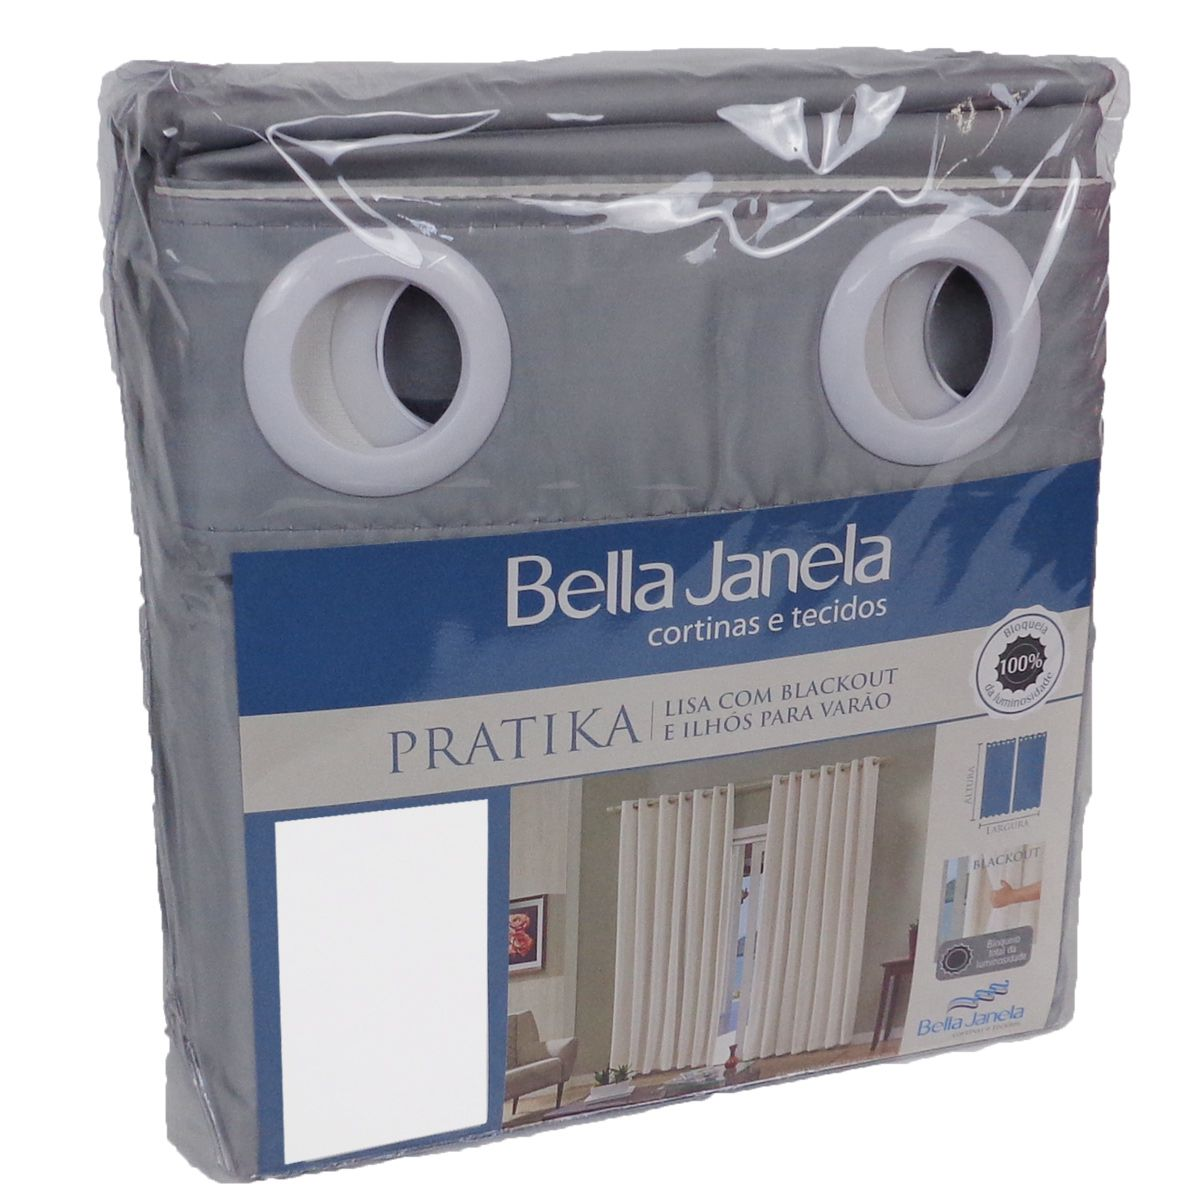 Cortina Em Voil Grafite Com Forro Blackout 2,60 x 2,30 Bella Janela